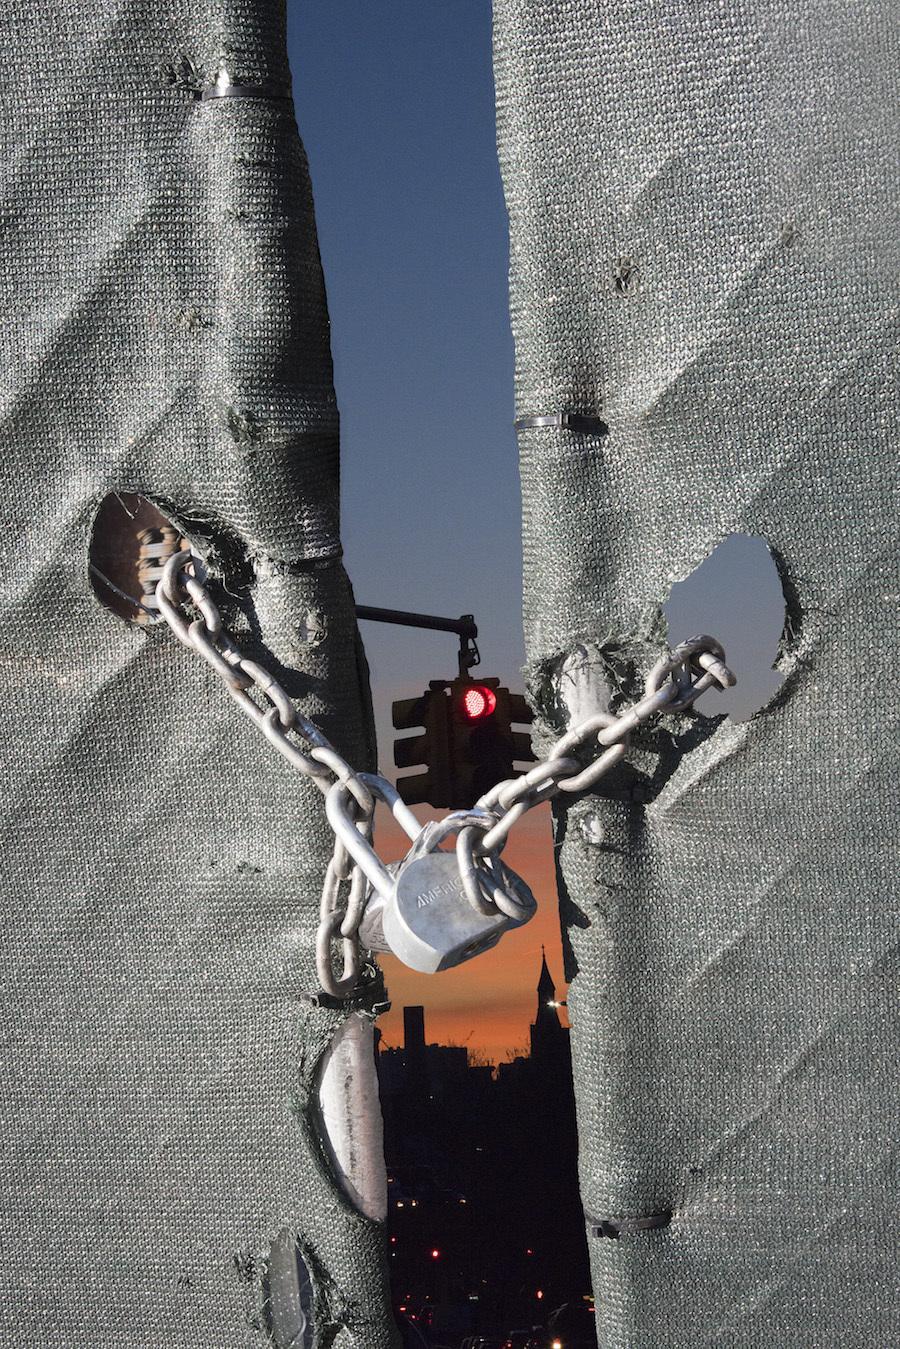 La libertà negli scatti di KangHee Kim | Collater.al